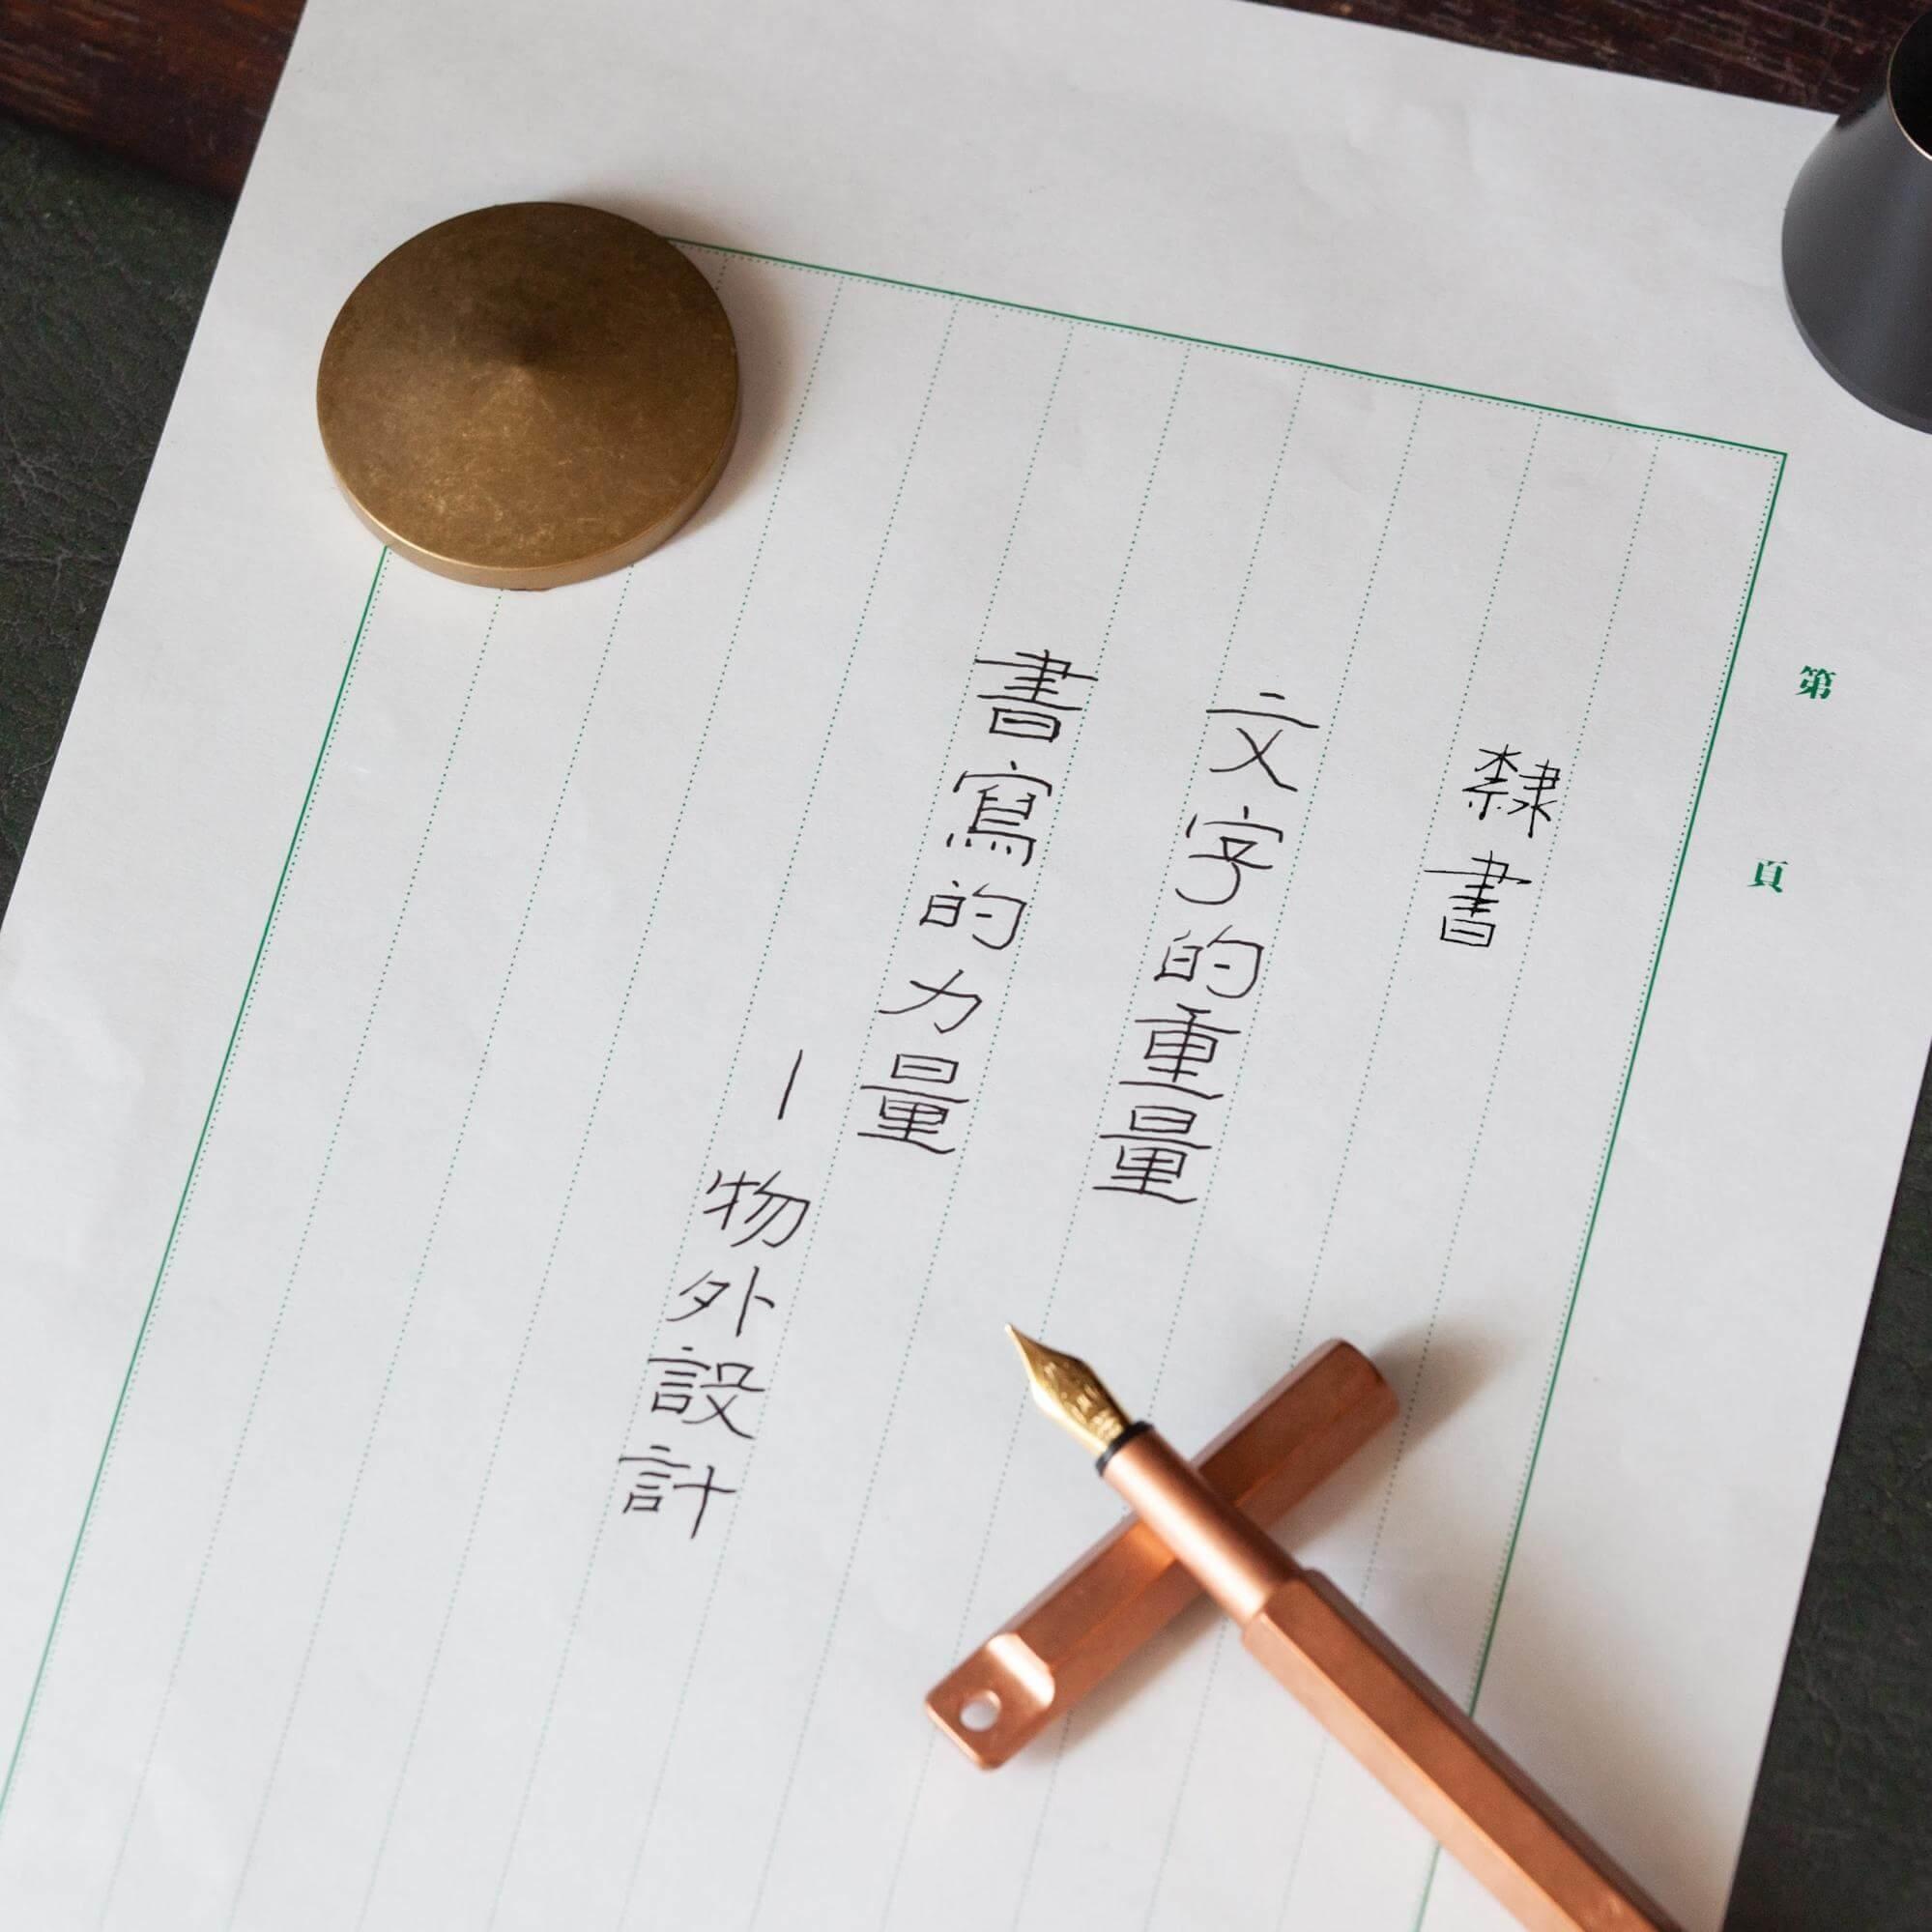 手寫字教學:隸書